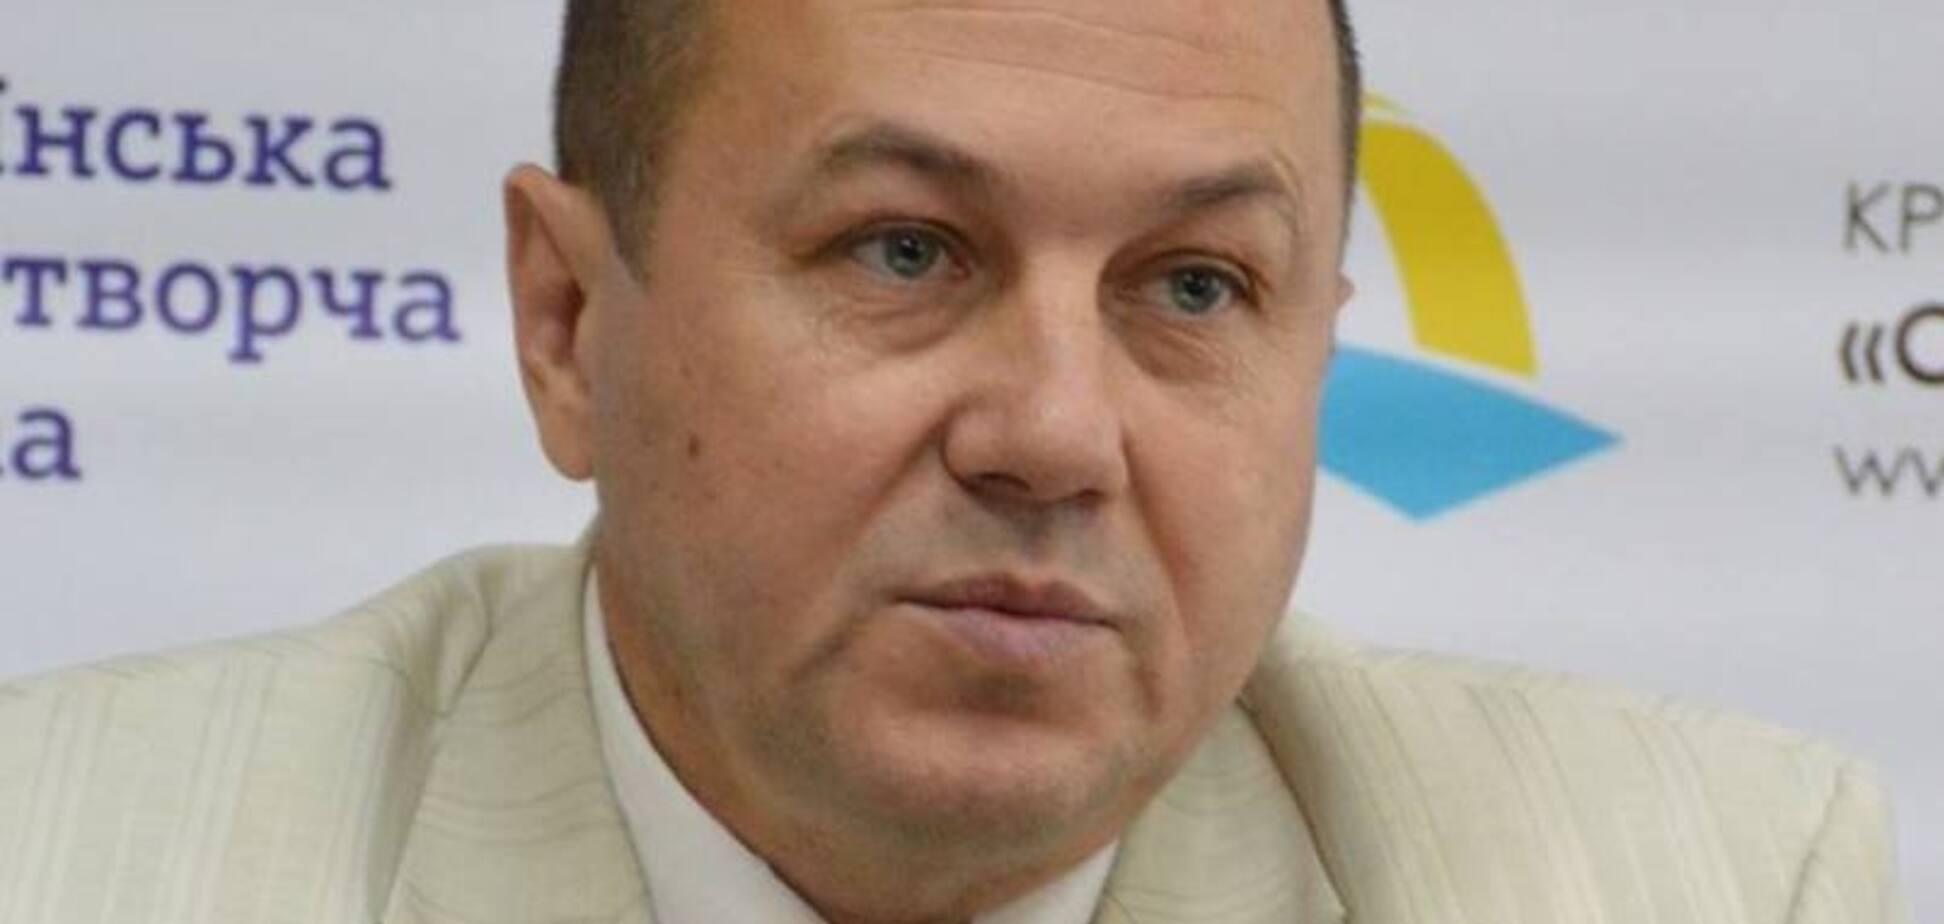 'В логове русского мира': последние записи в соцсетях убитого депутата от БПП